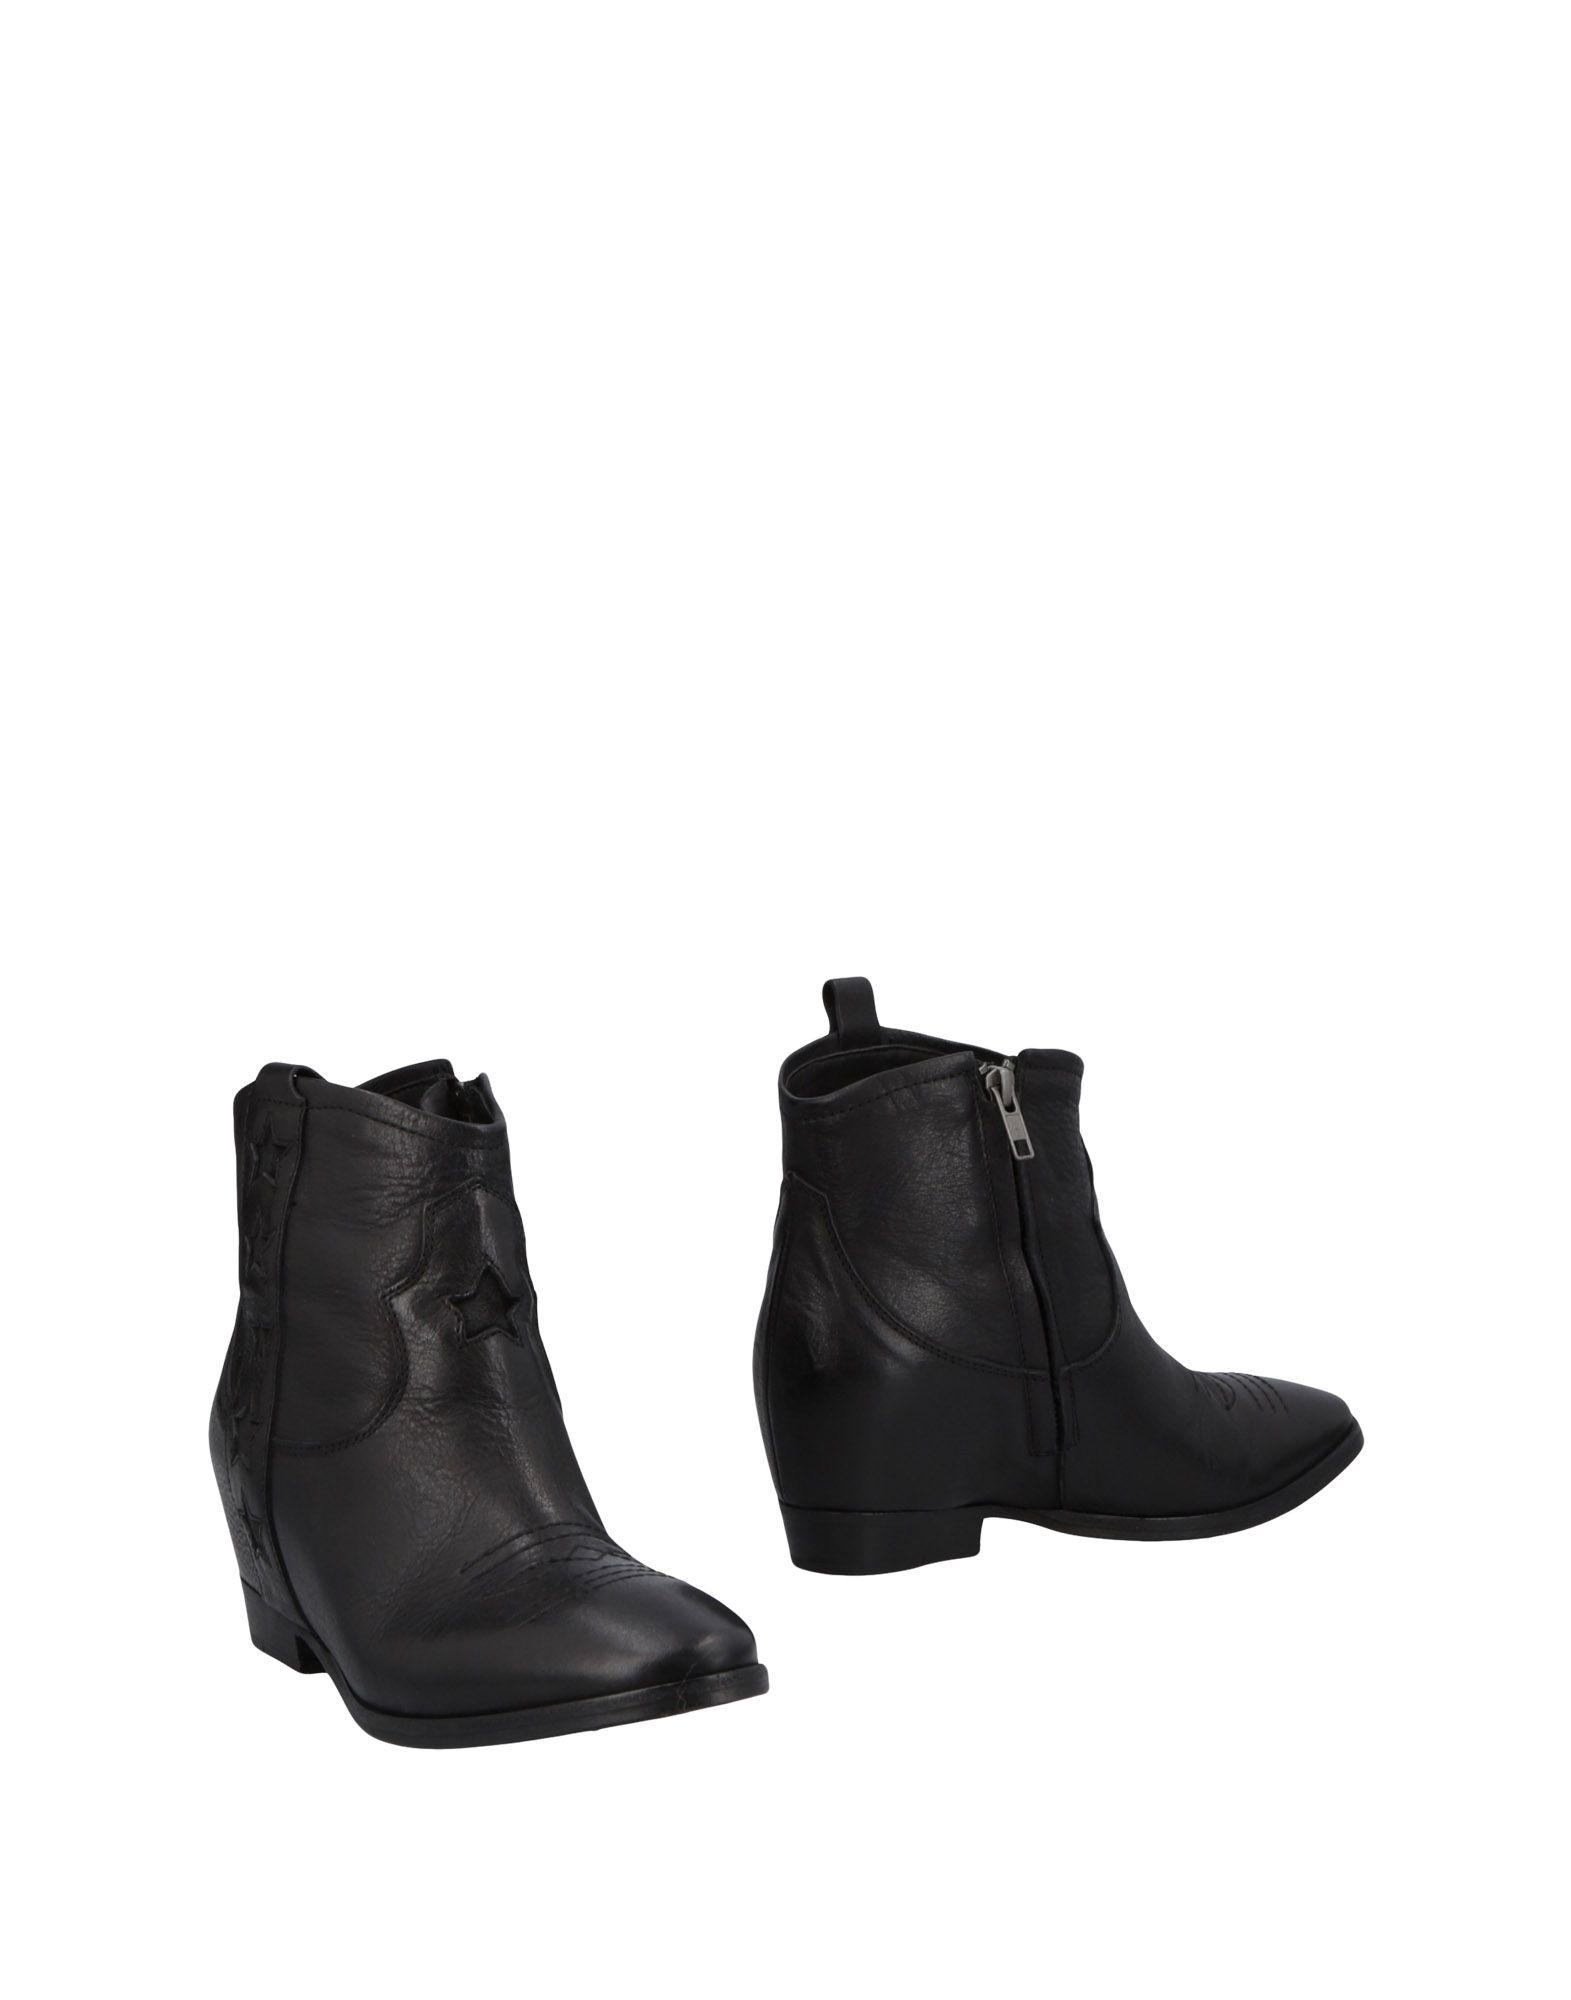 Stilvolle billige Stiefelette Schuhe Lemaré Stiefelette billige Damen  11487437KG 9f5e47